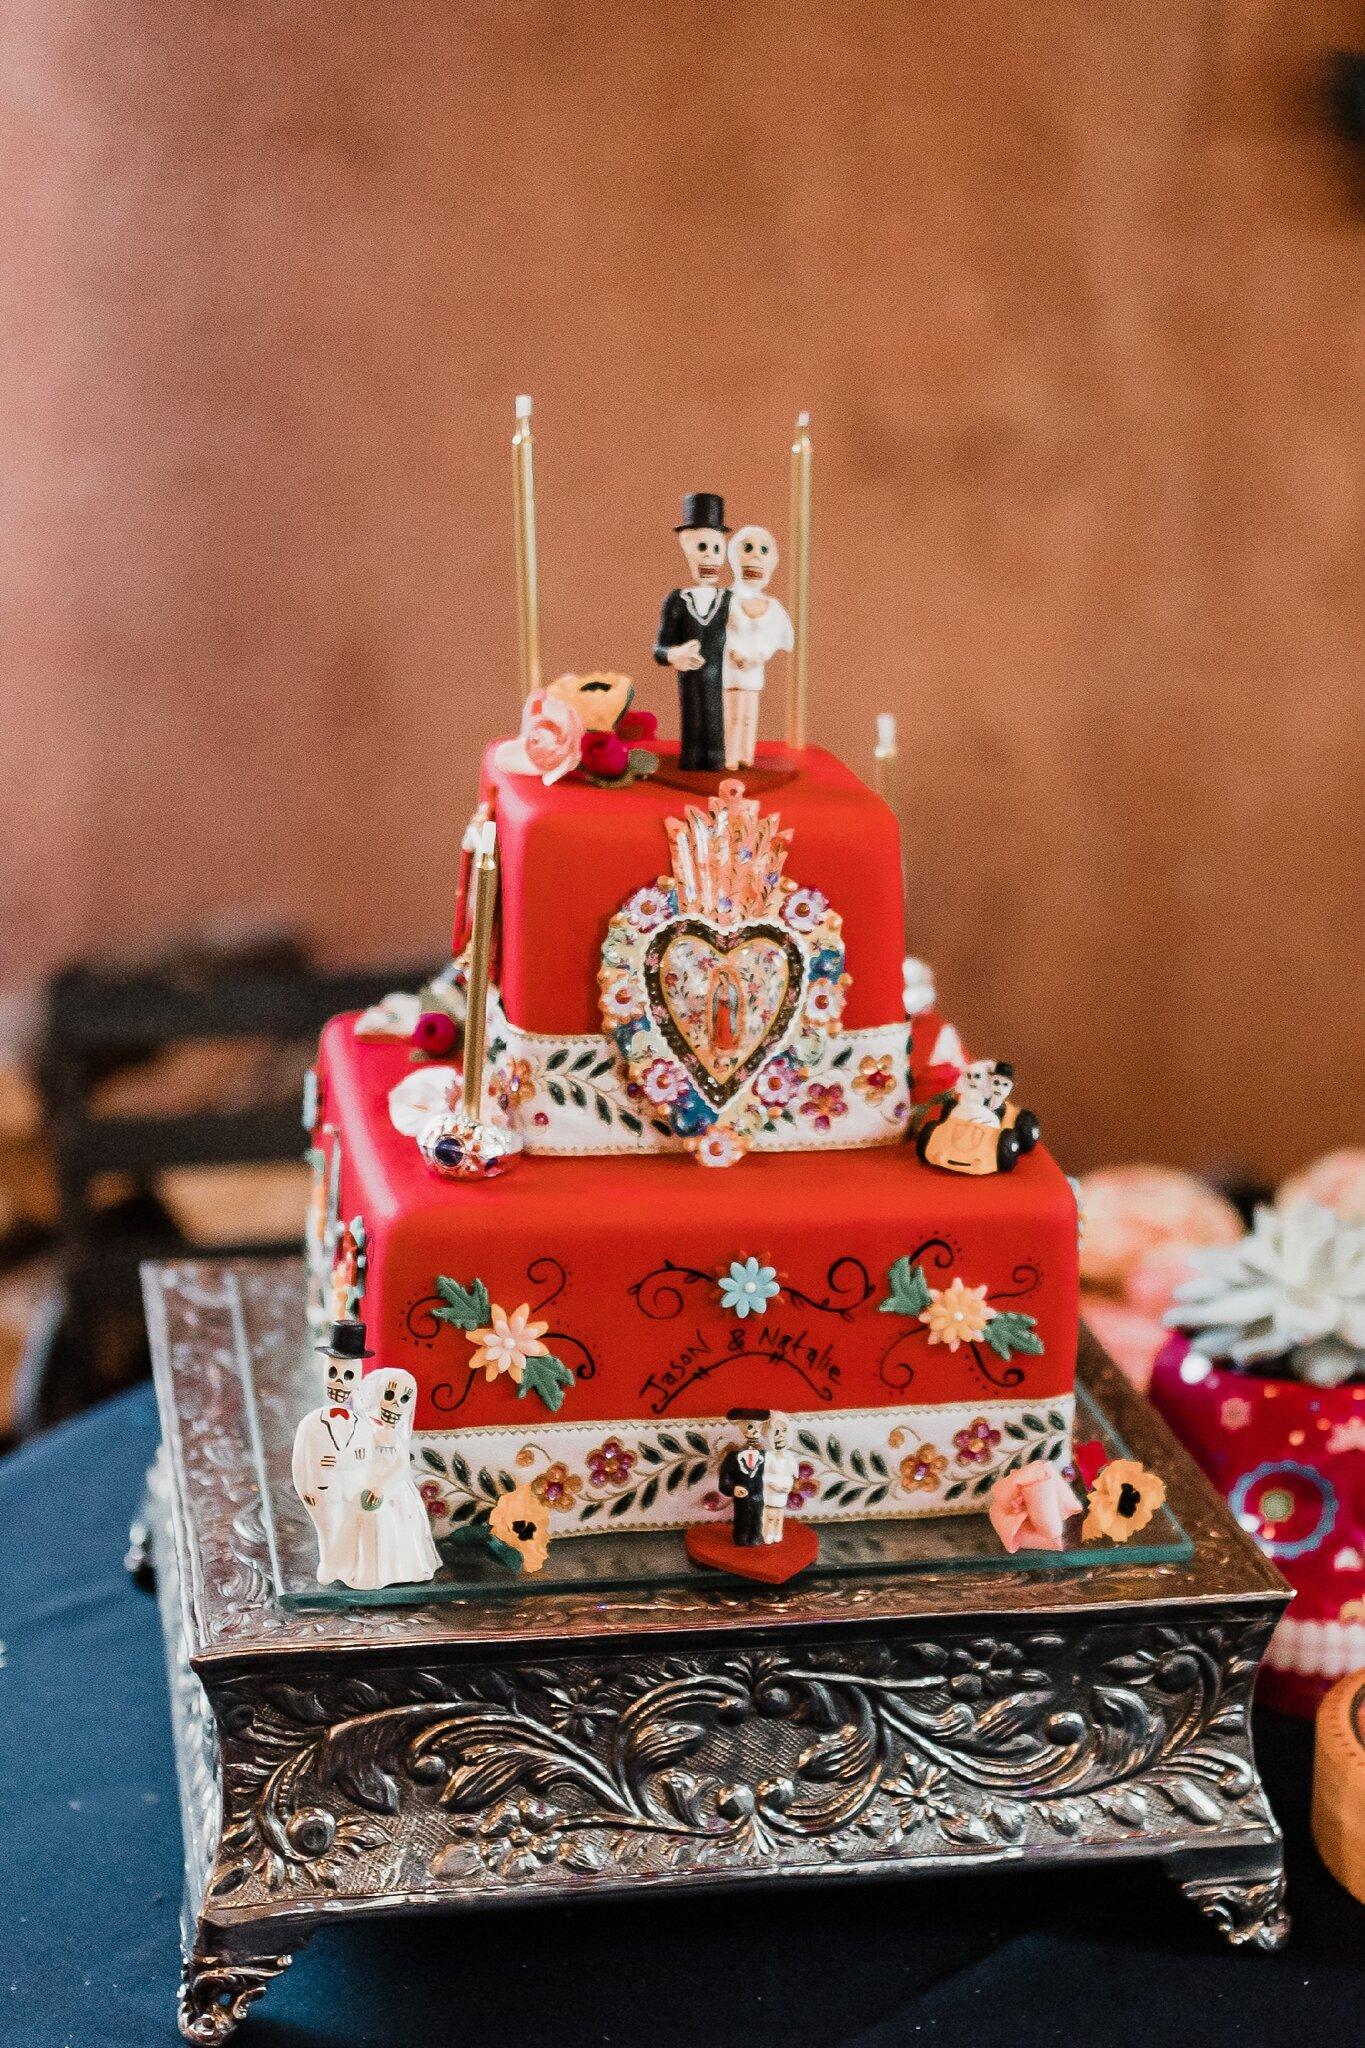 Alicia+lucia+photography+-+albuquerque+wedding+photographer+-+santa+fe+wedding+photography+-+new+mexico+wedding+photographer+-+new+mexico+wedding+-+rehearsal+dinner+-+wedding+rehearsal+dinner+-+santa+fe+rehearsal+dinner+-+chicago+bride_0003.jpg